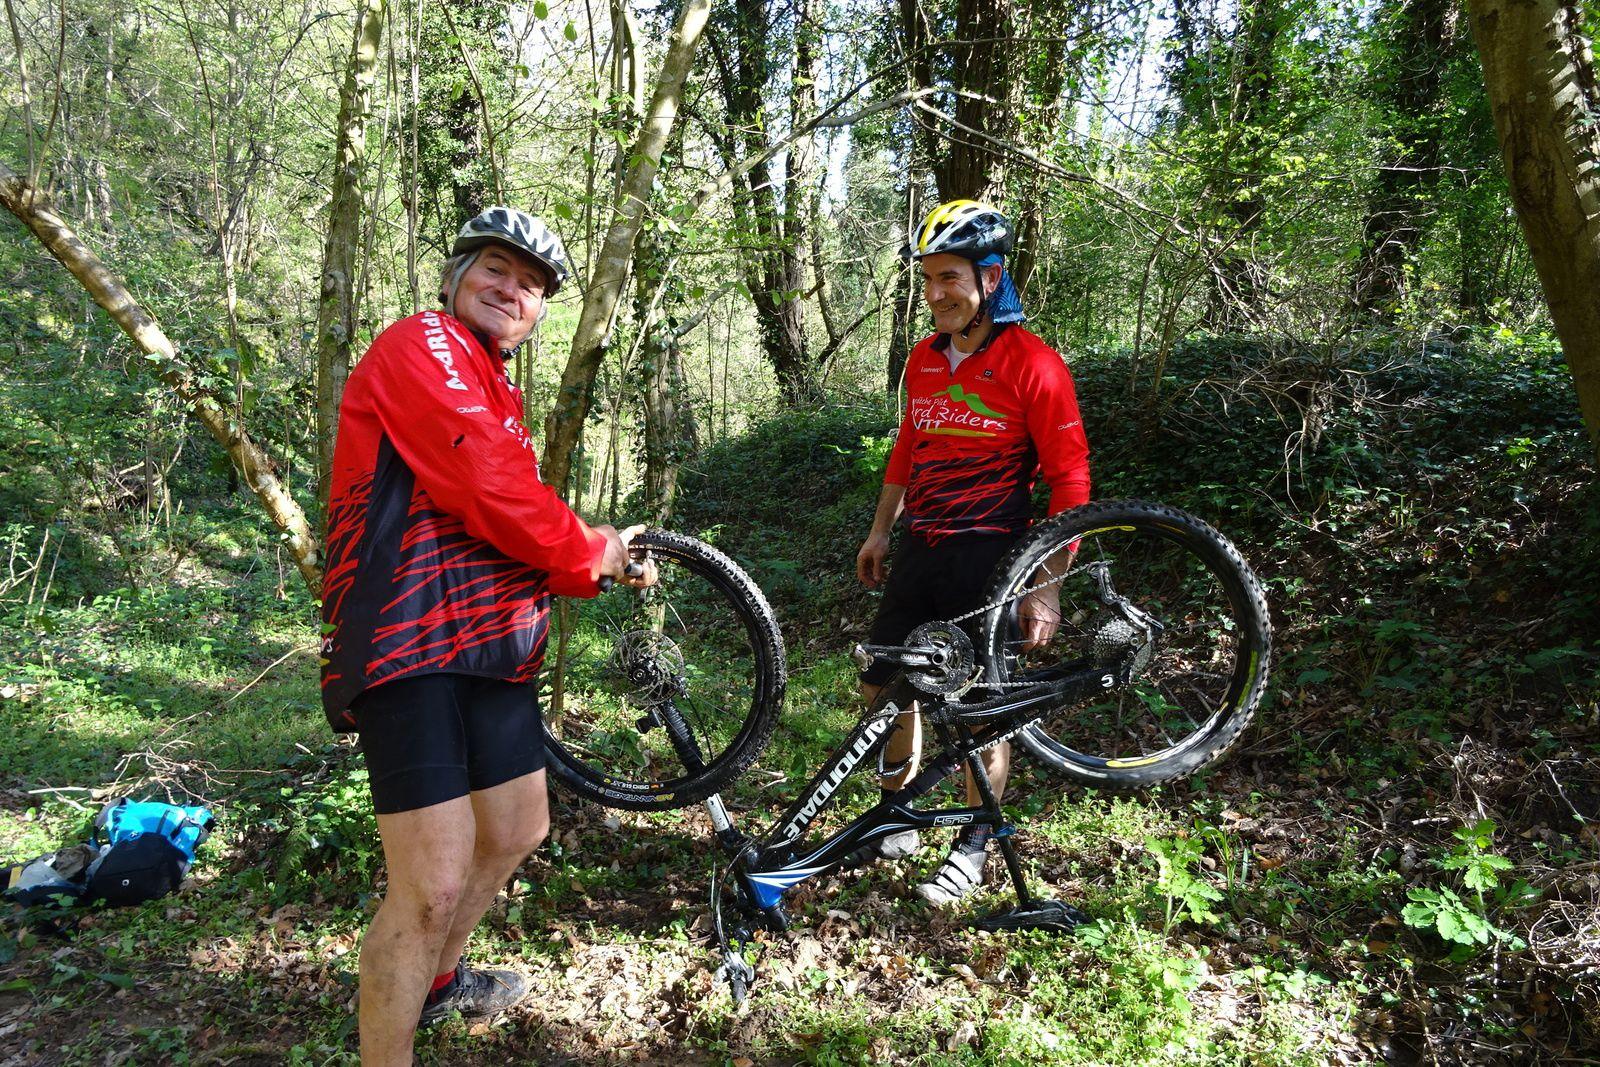 Dans les bois nous rencontrons Maurice et Laurent entrain de réparer, tout se passe dans la bonne humeur.